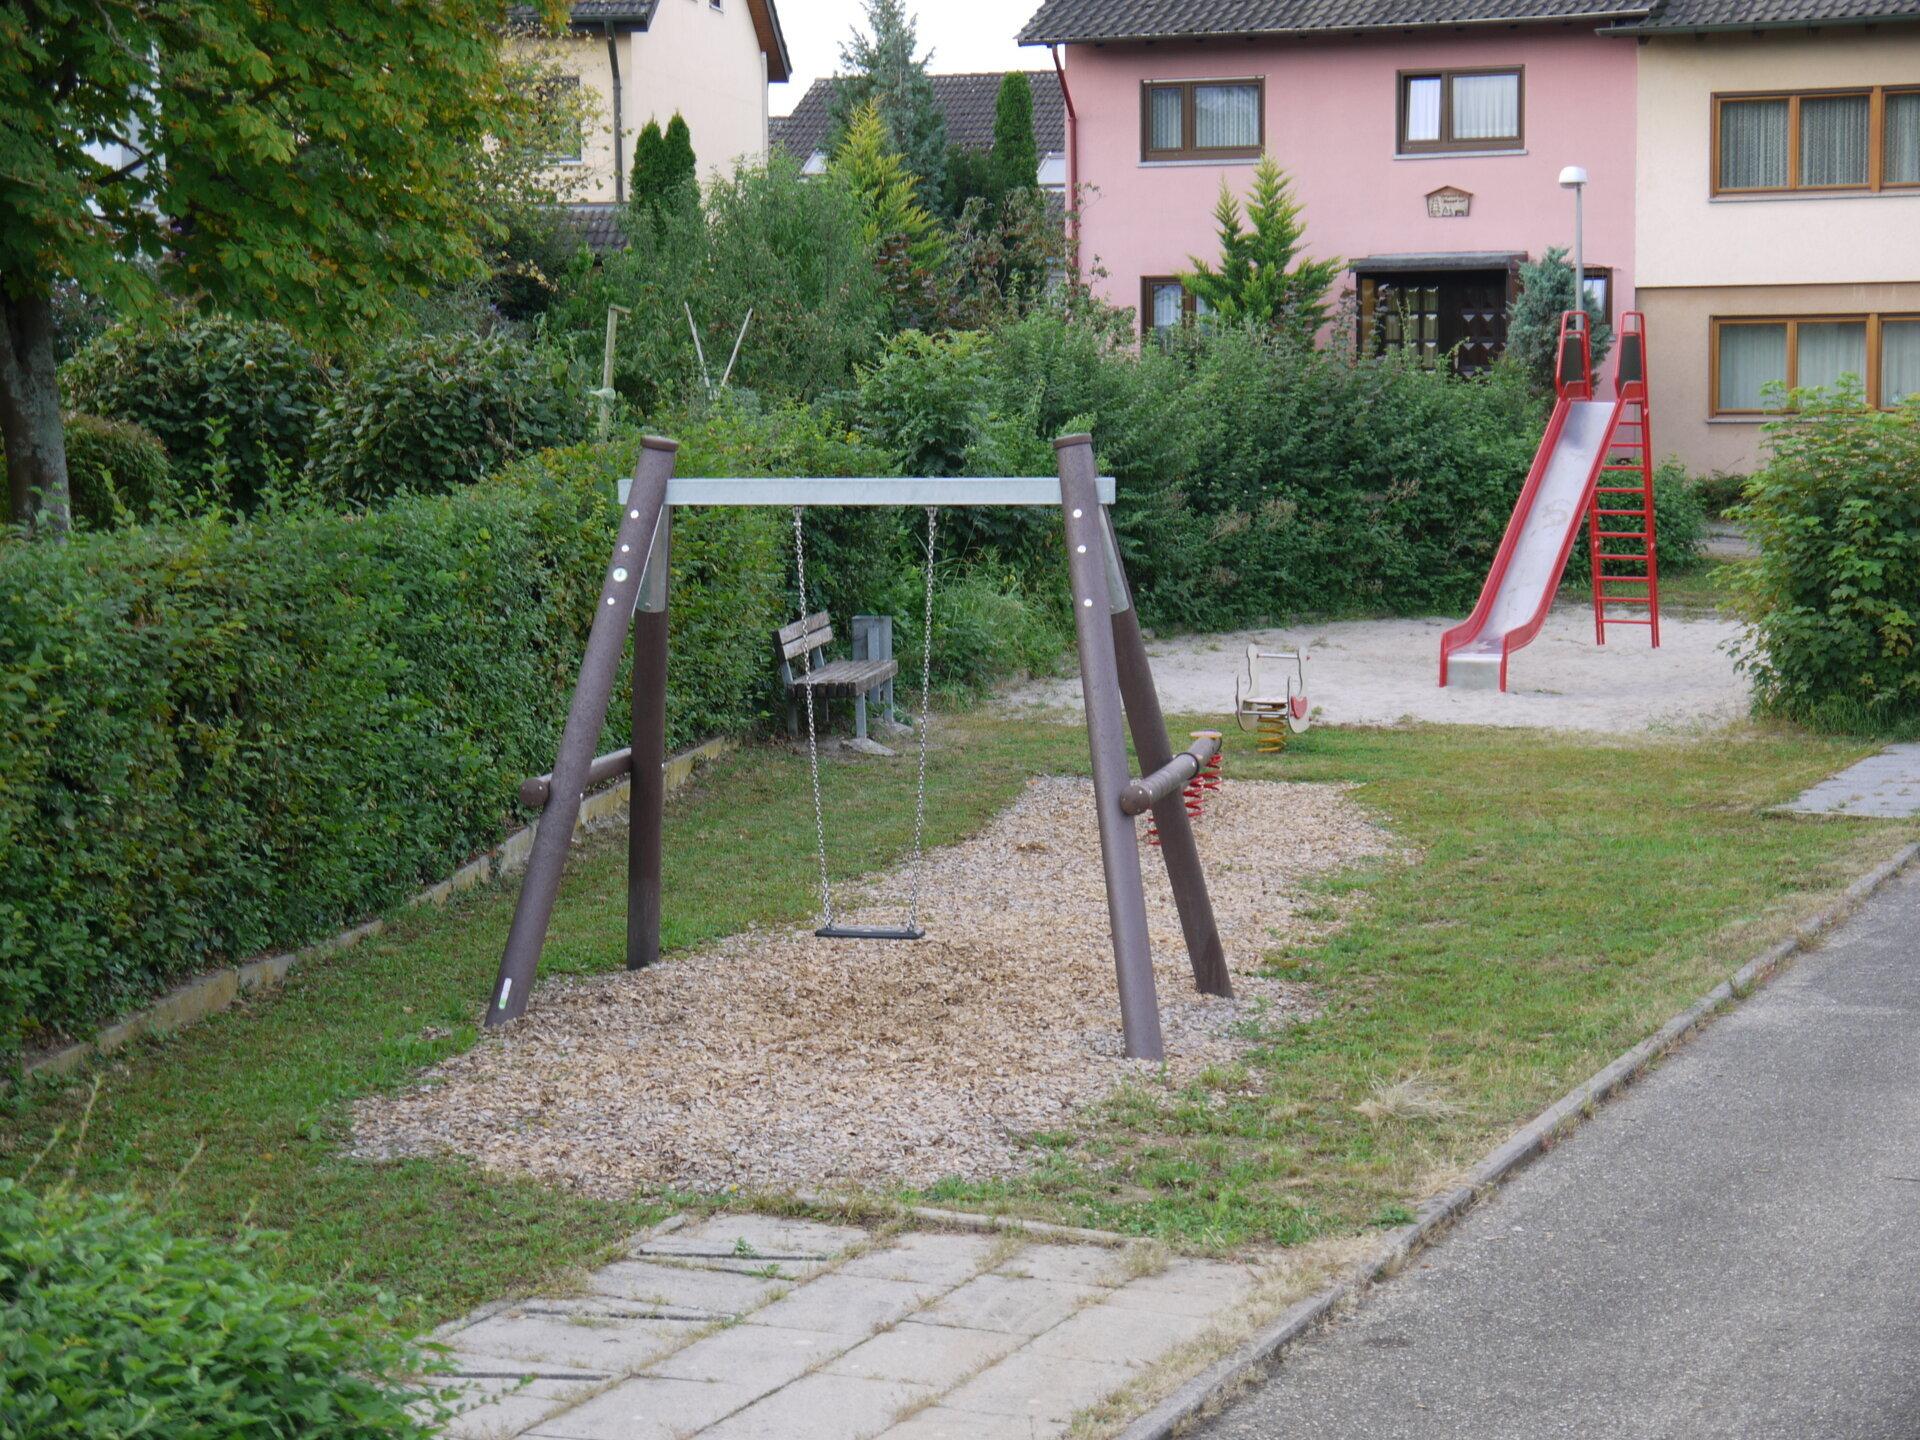 Spielplatz im Zeisigweg